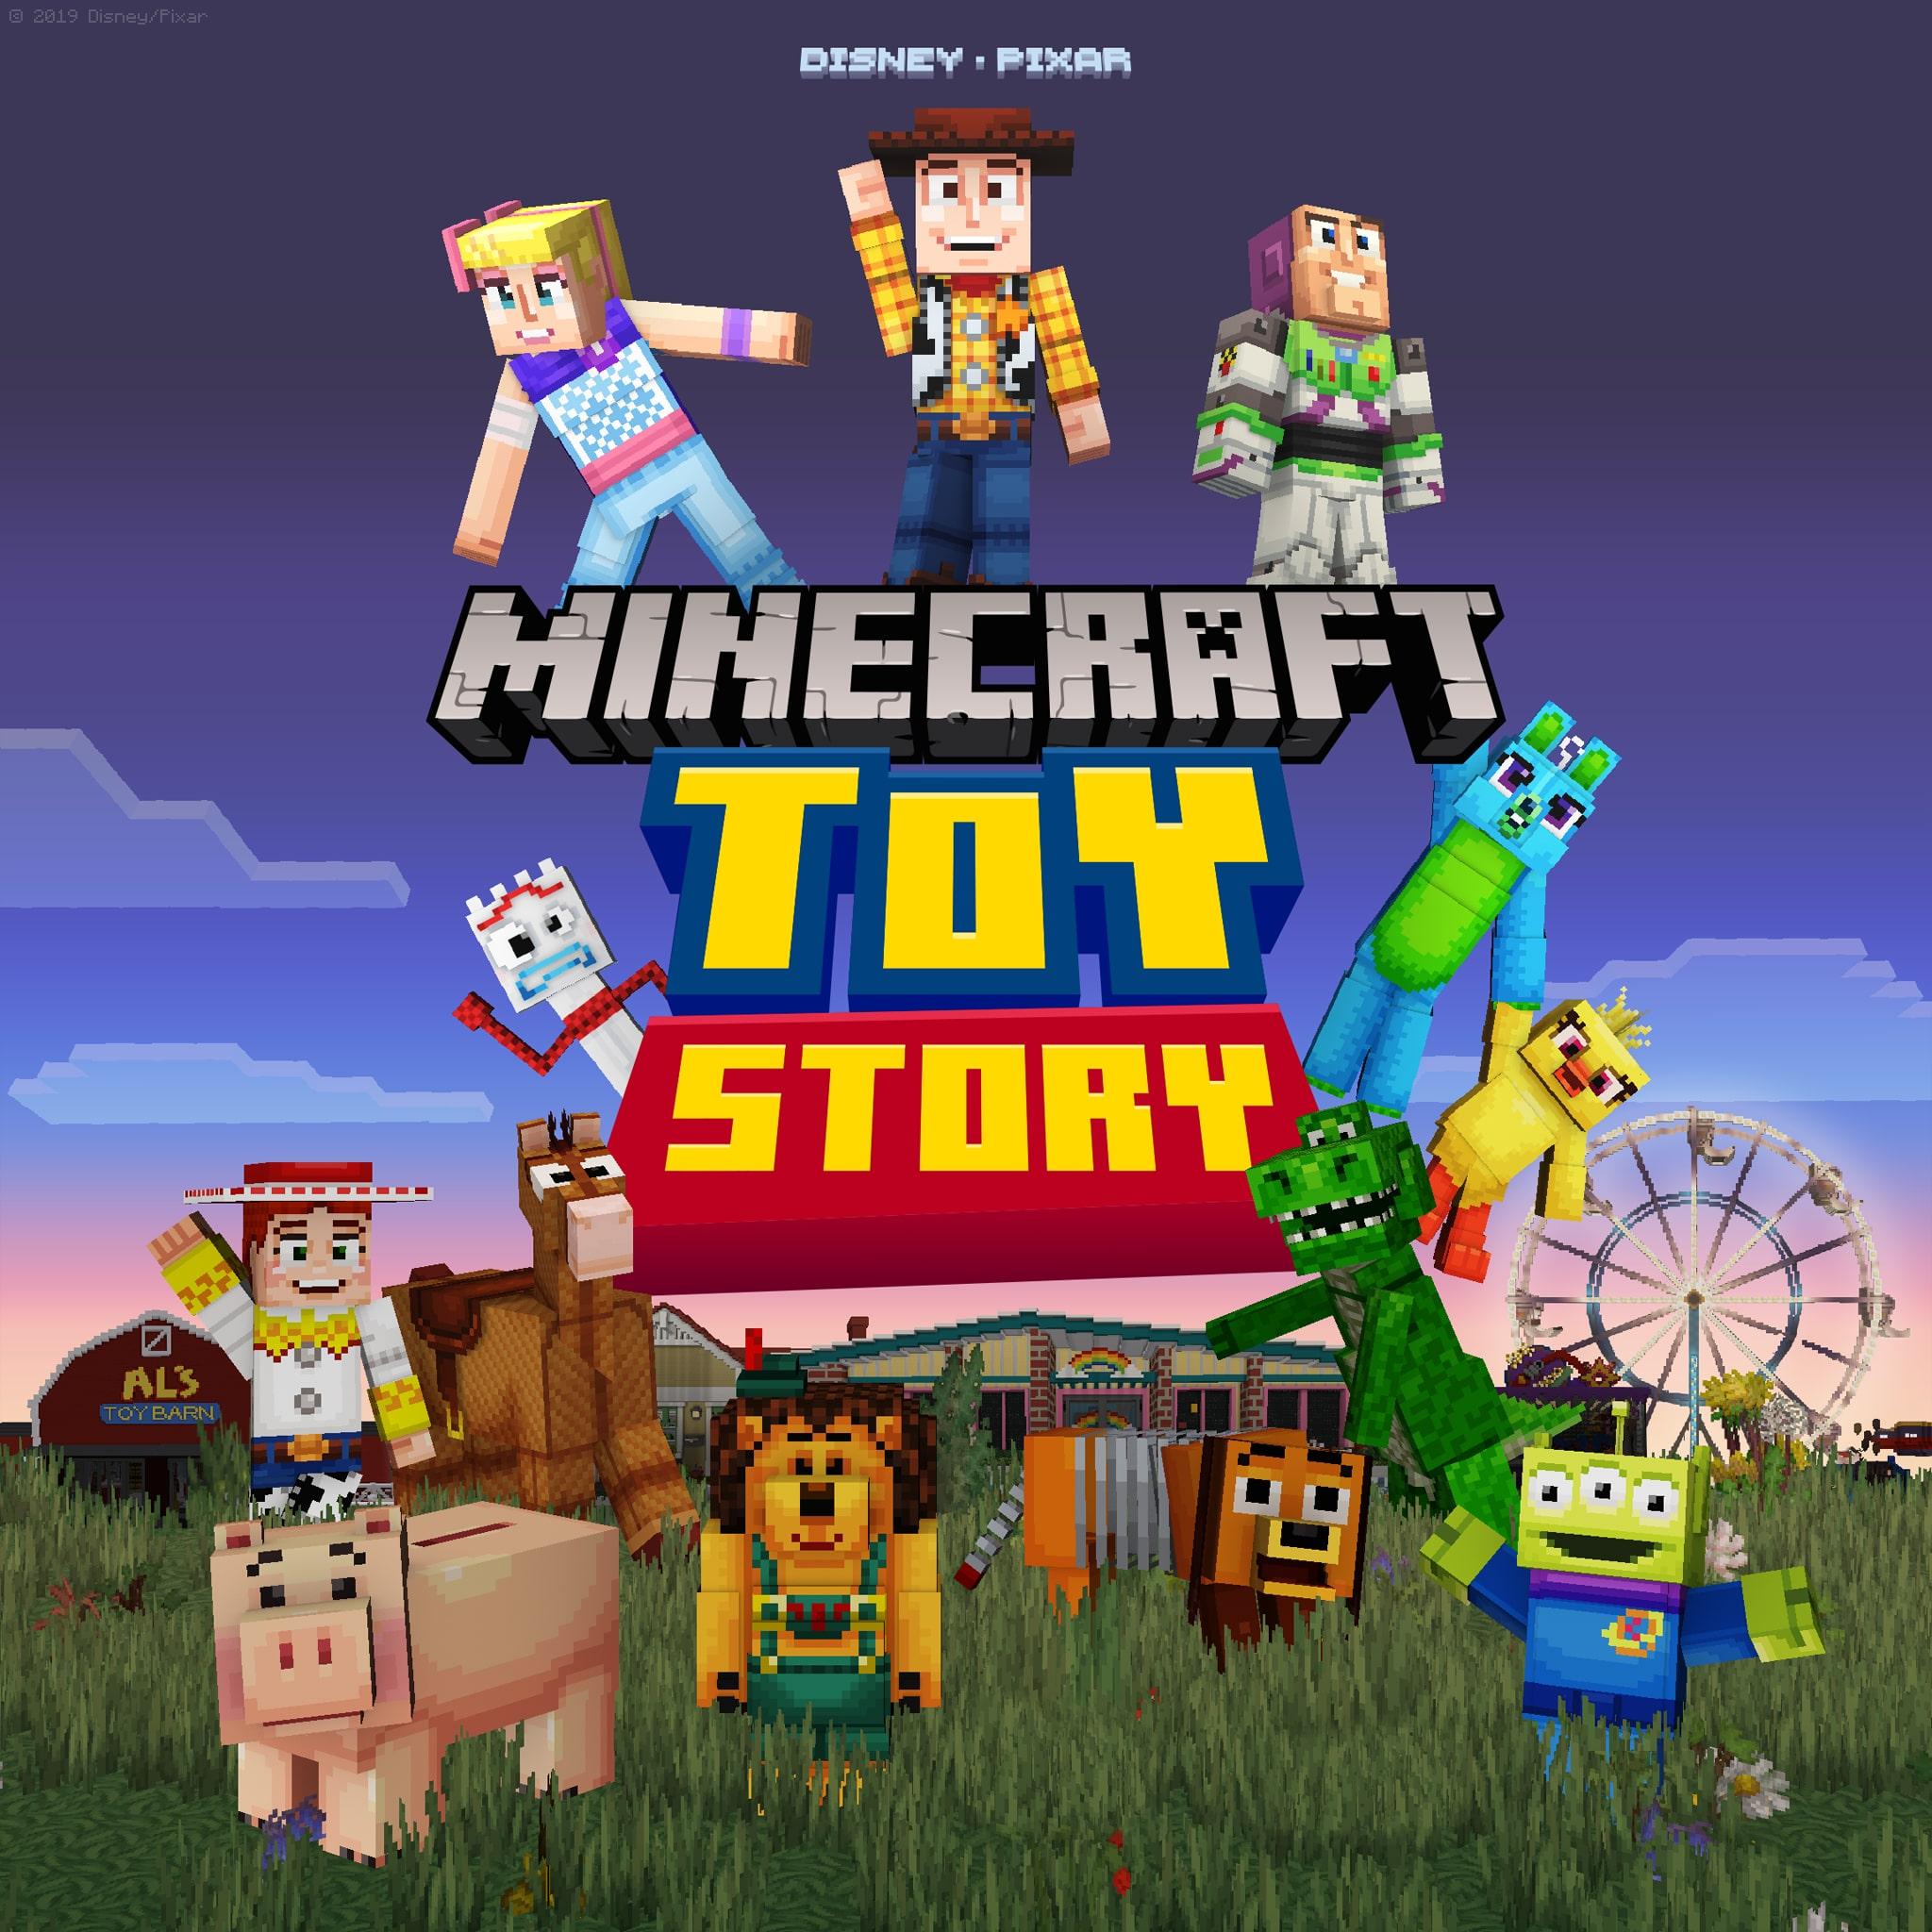 Toy Story Mash-up